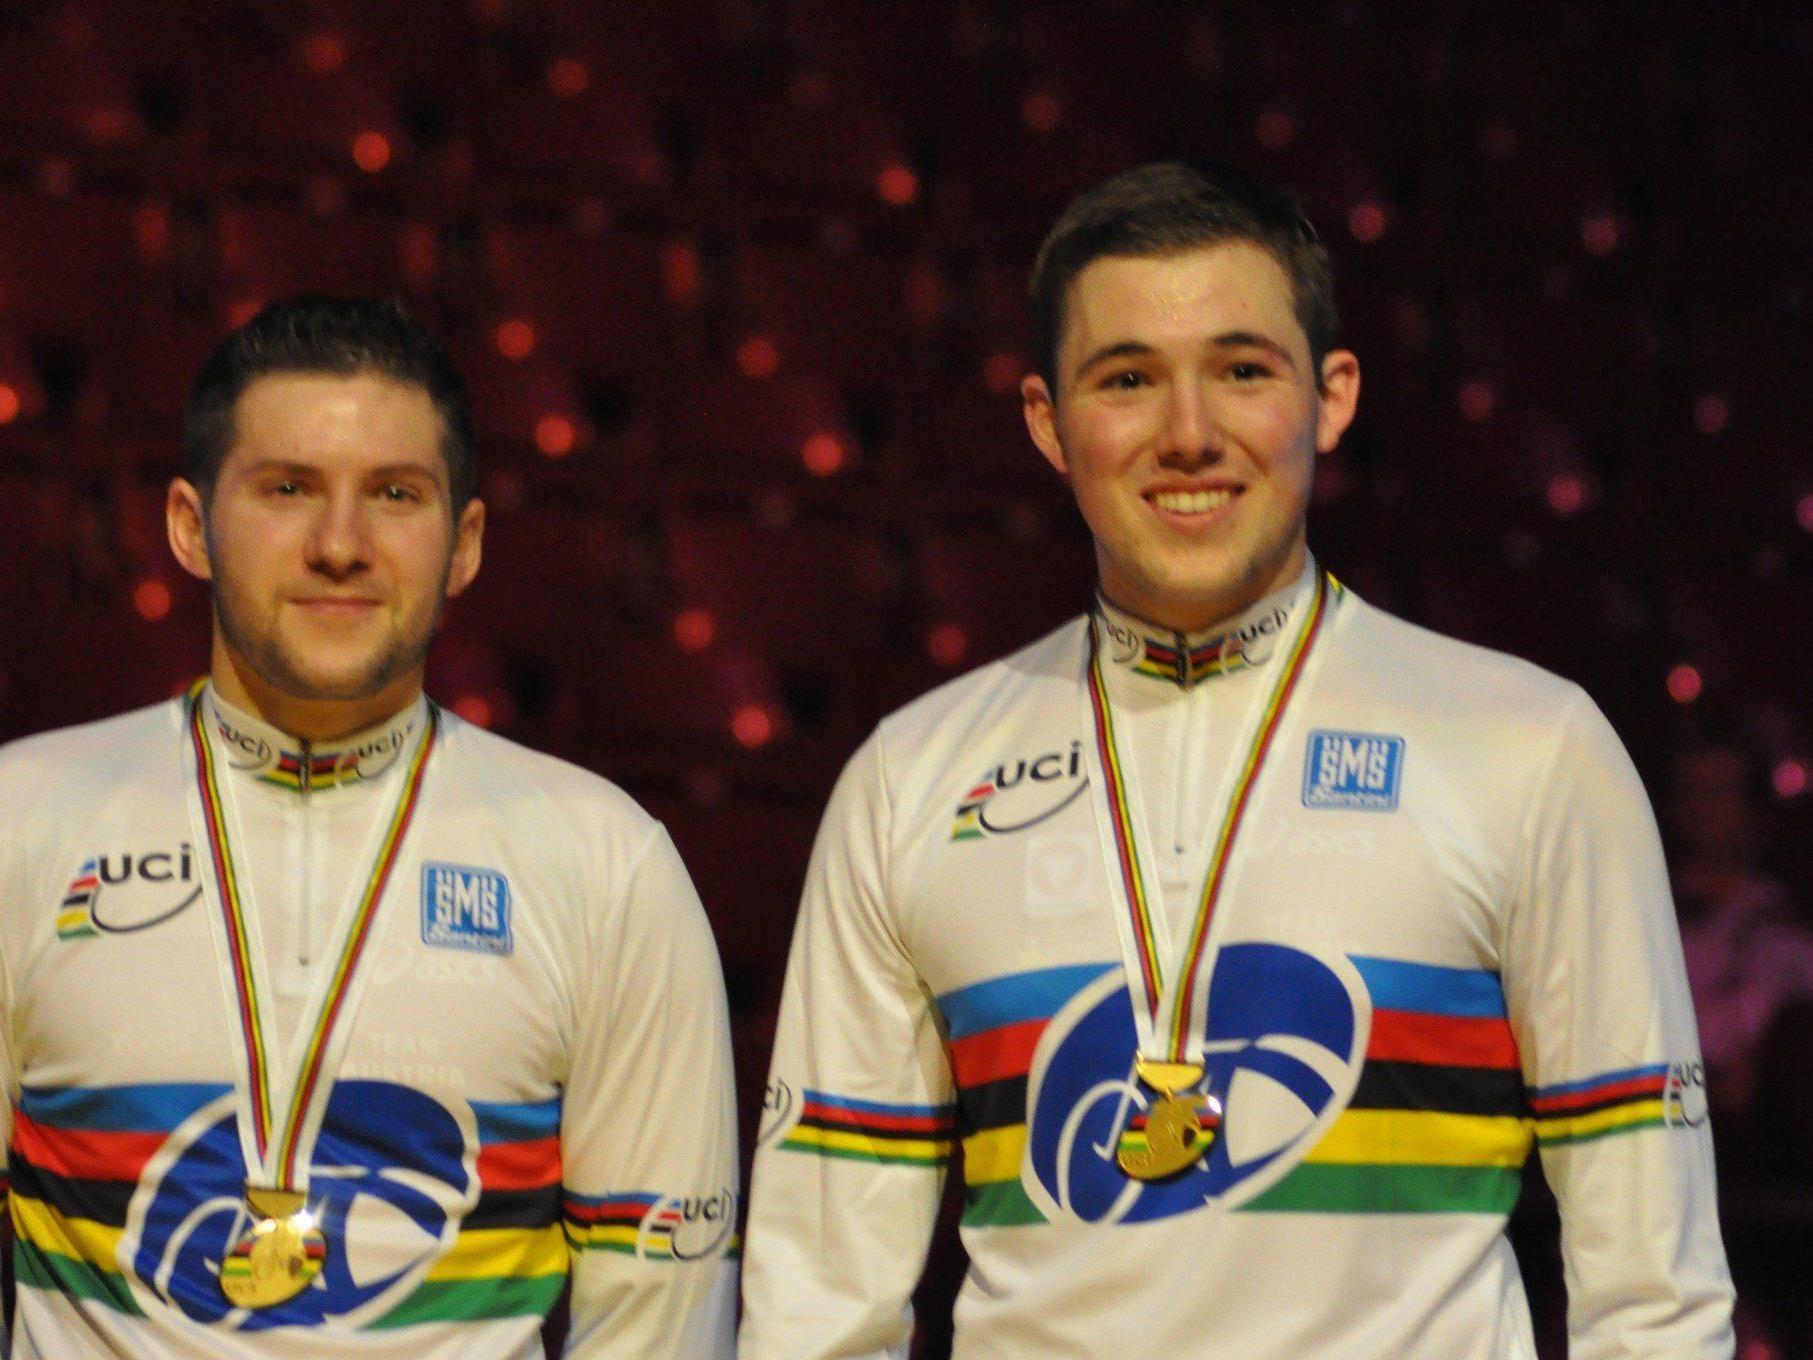 Die Radball Weltmeister Markus Bröll und Patrick Schnetzer (re)